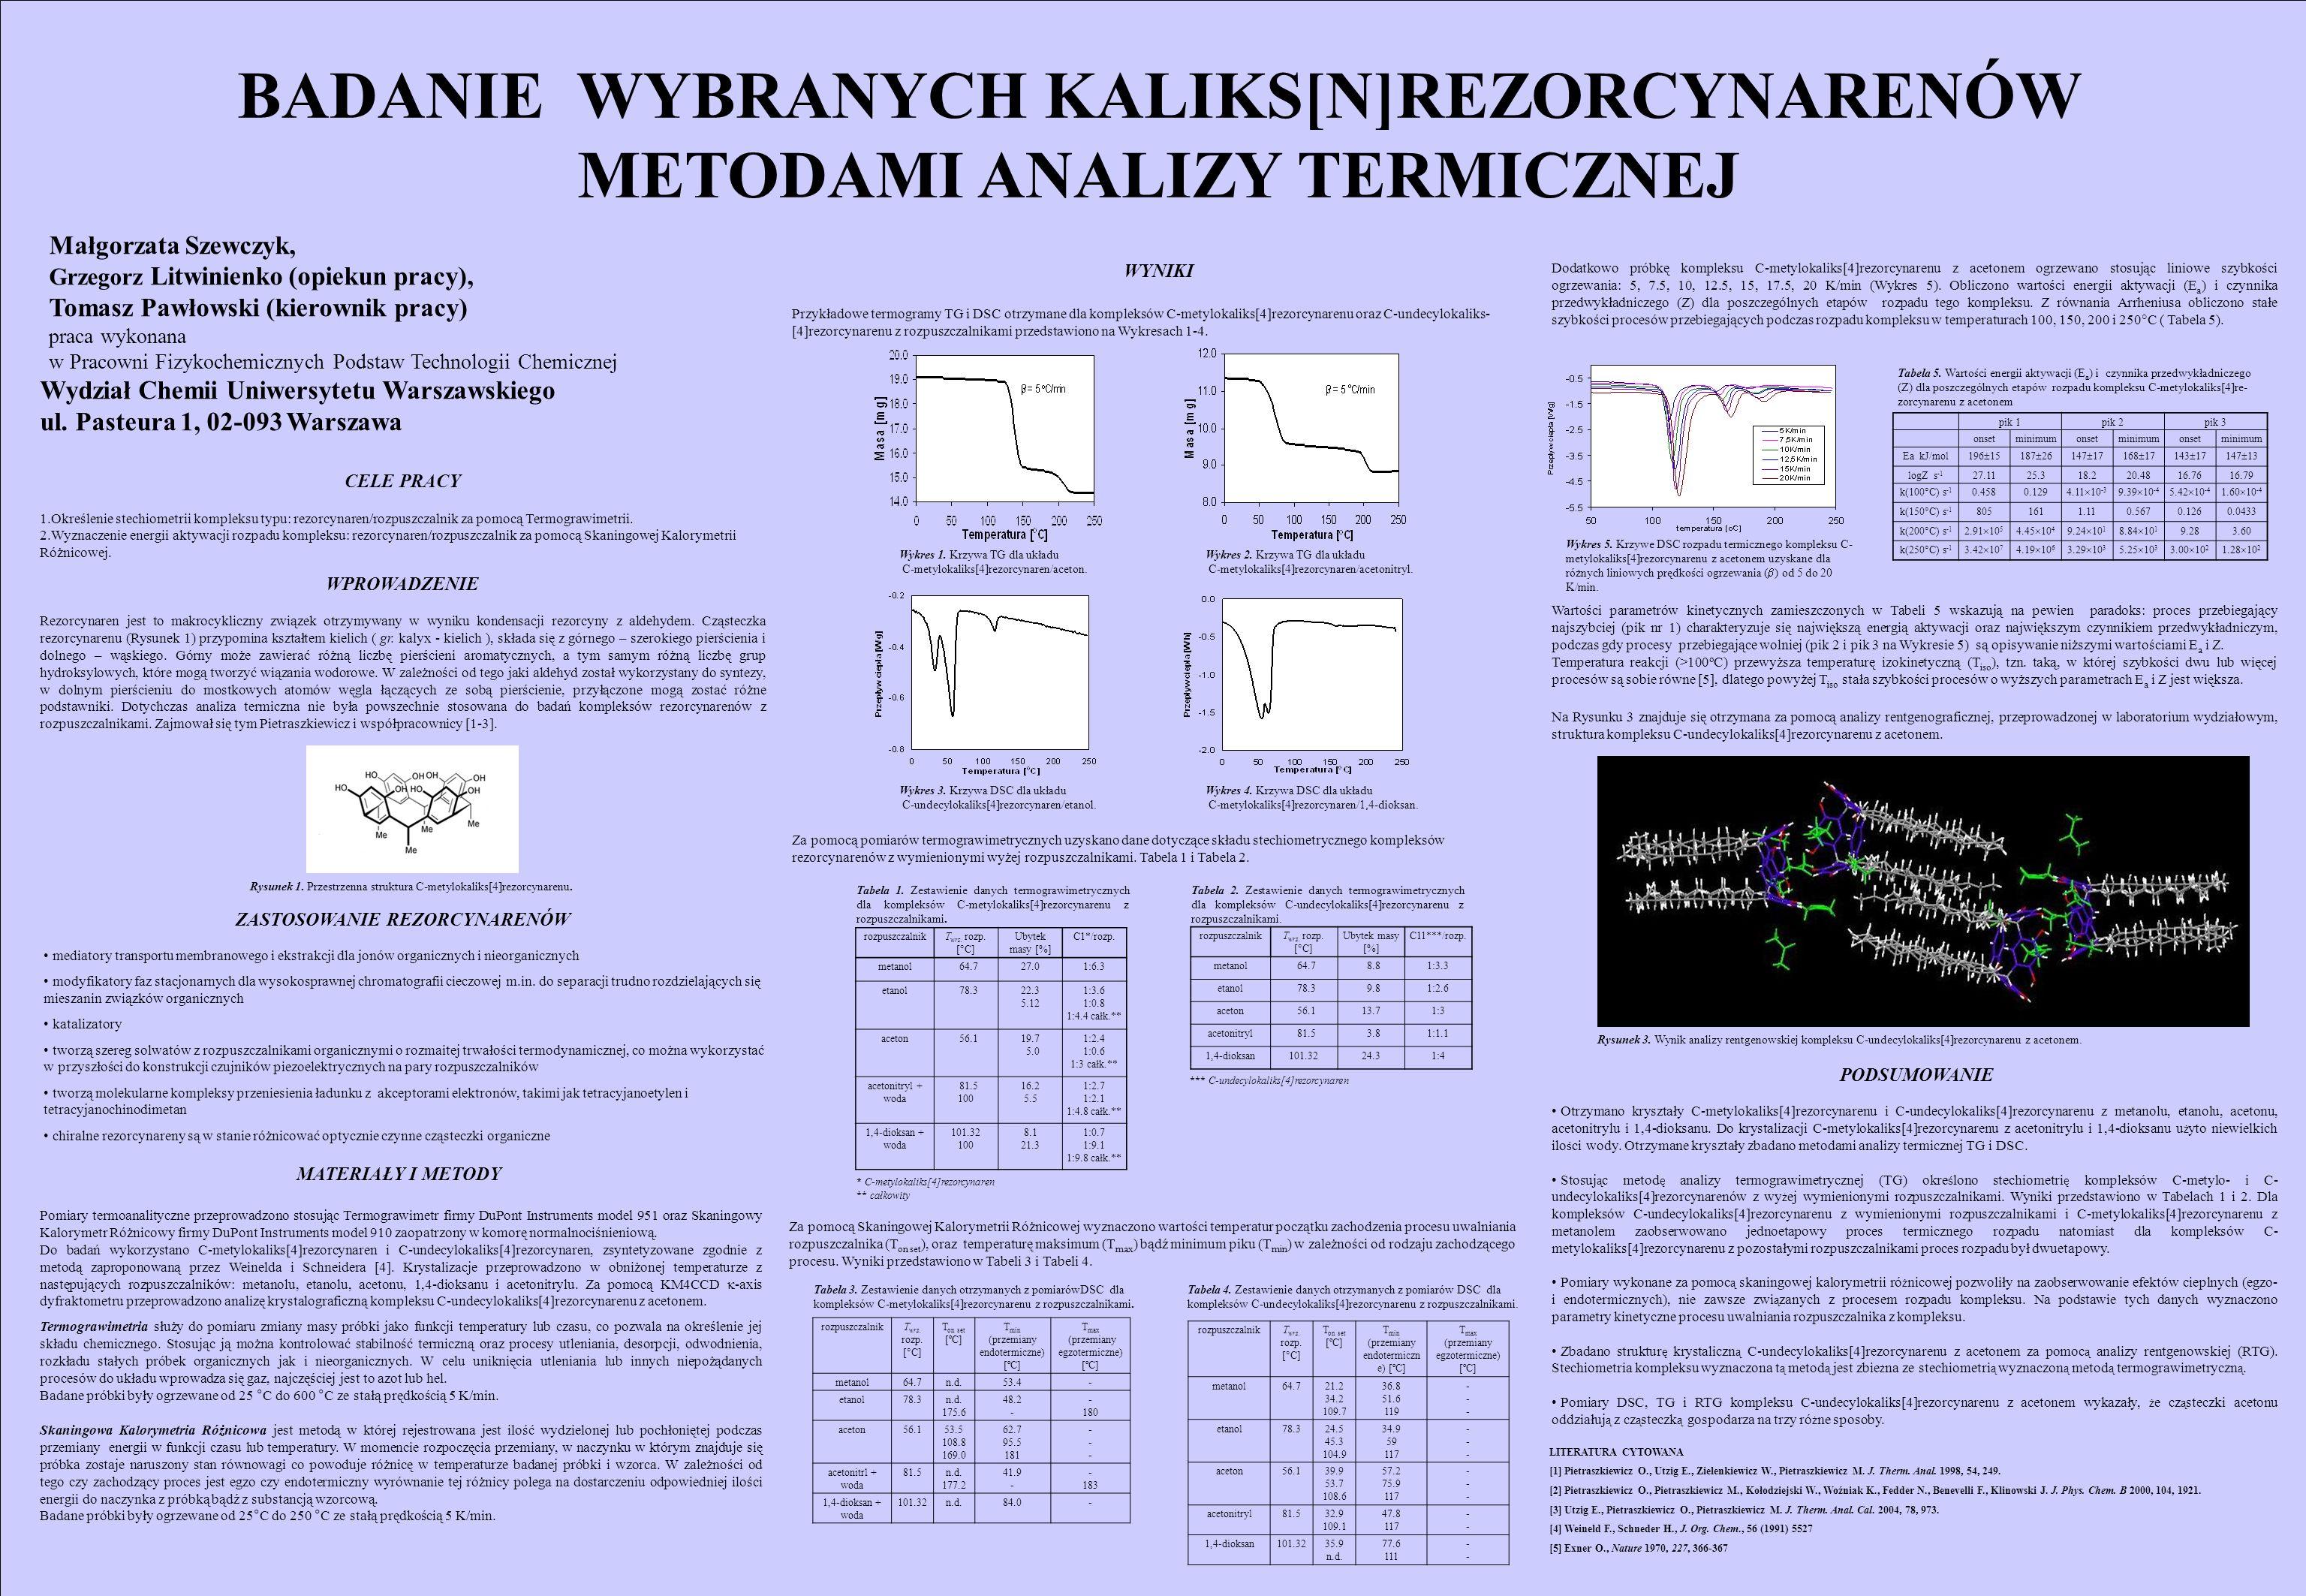 Małgorzata Szewczyk, Grzegorz Litwinienko (opiekun pracy), Tomasz Pawłowski (kierownik pracy) praca wykonana w Pracowni Fizykochemicznych Podstaw Tech